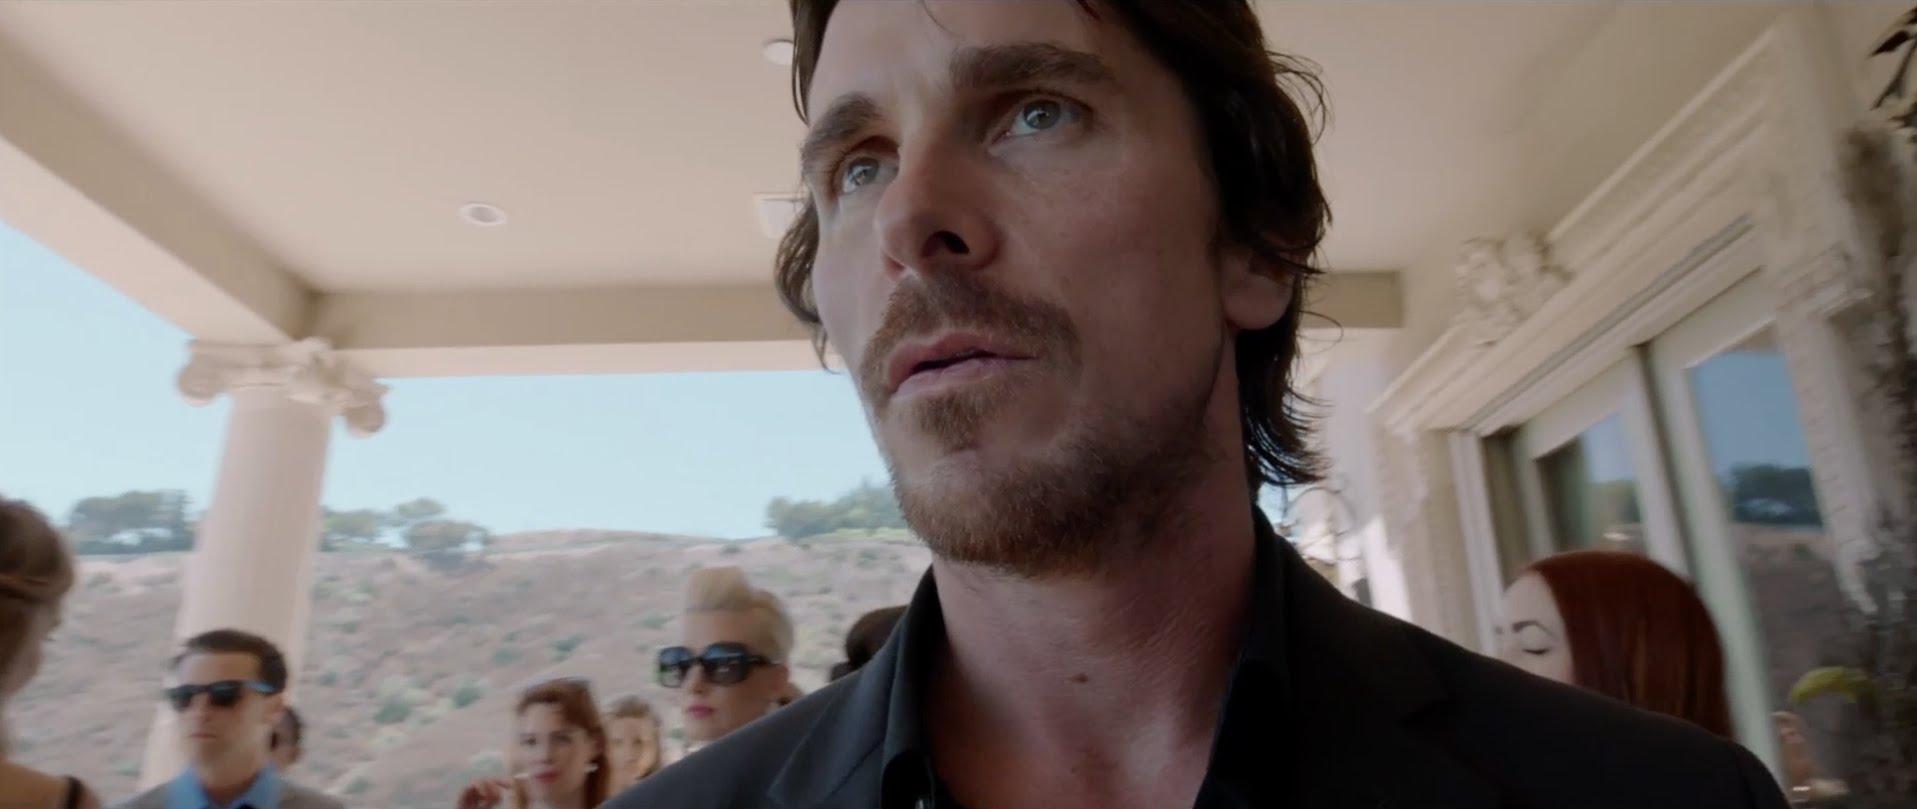 Chequen el trailer de 'Knight of Cups', la nueva cinta de Terrence Malick con Christian Bale